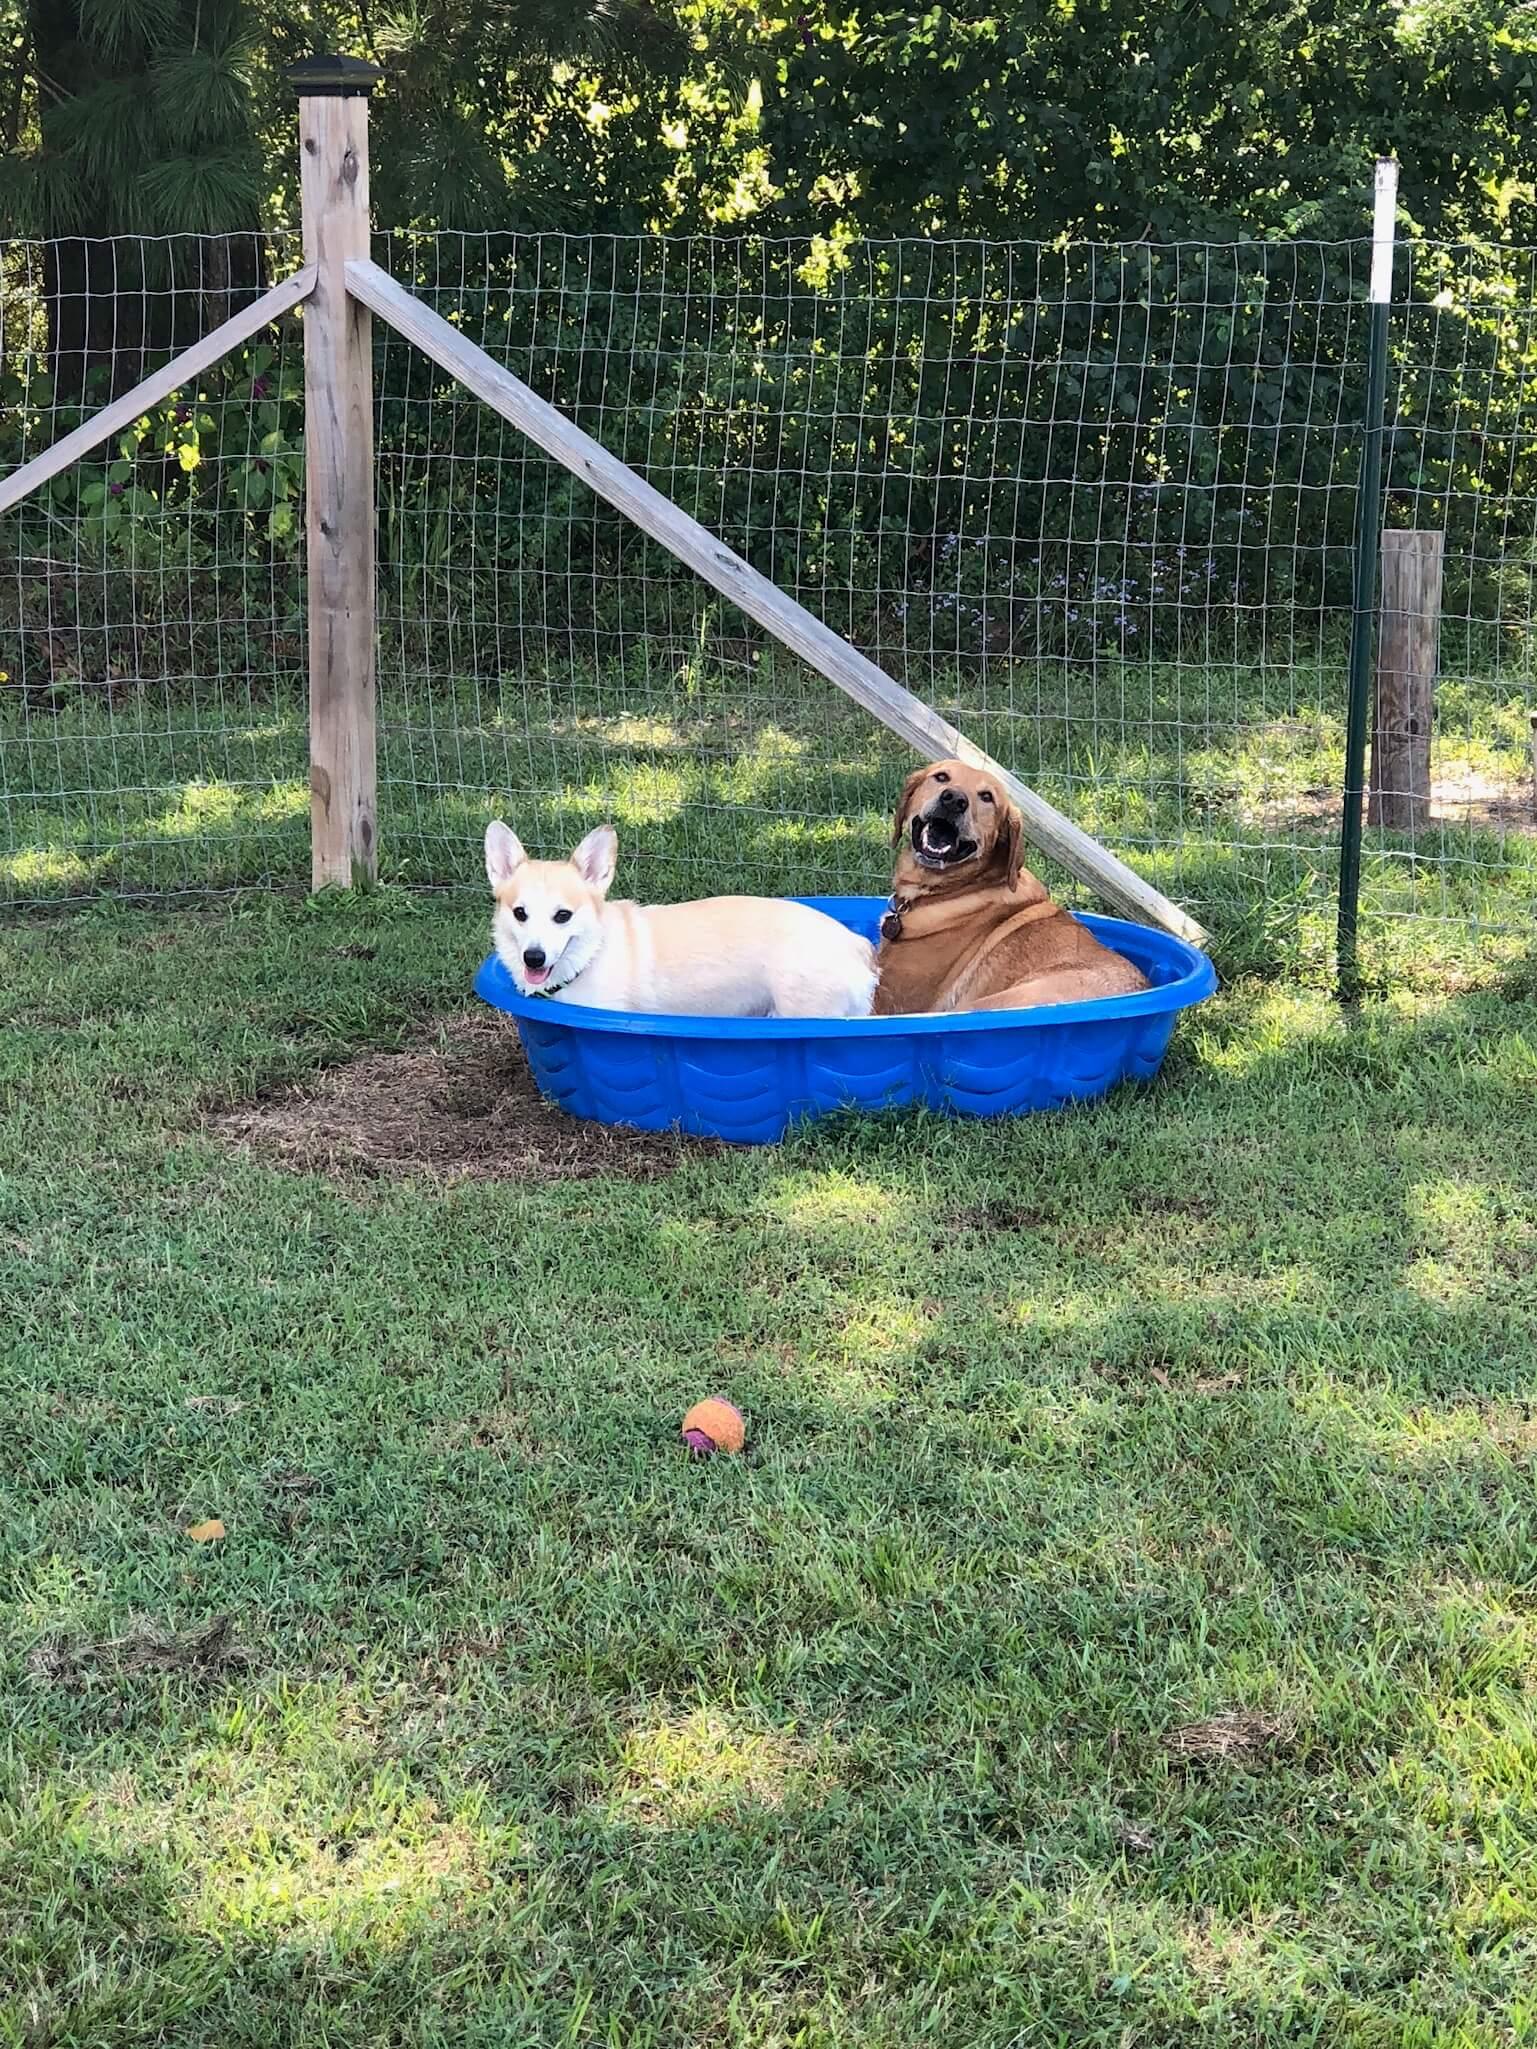 - -Jake & Mushu enjoyed lots of pool time this summer